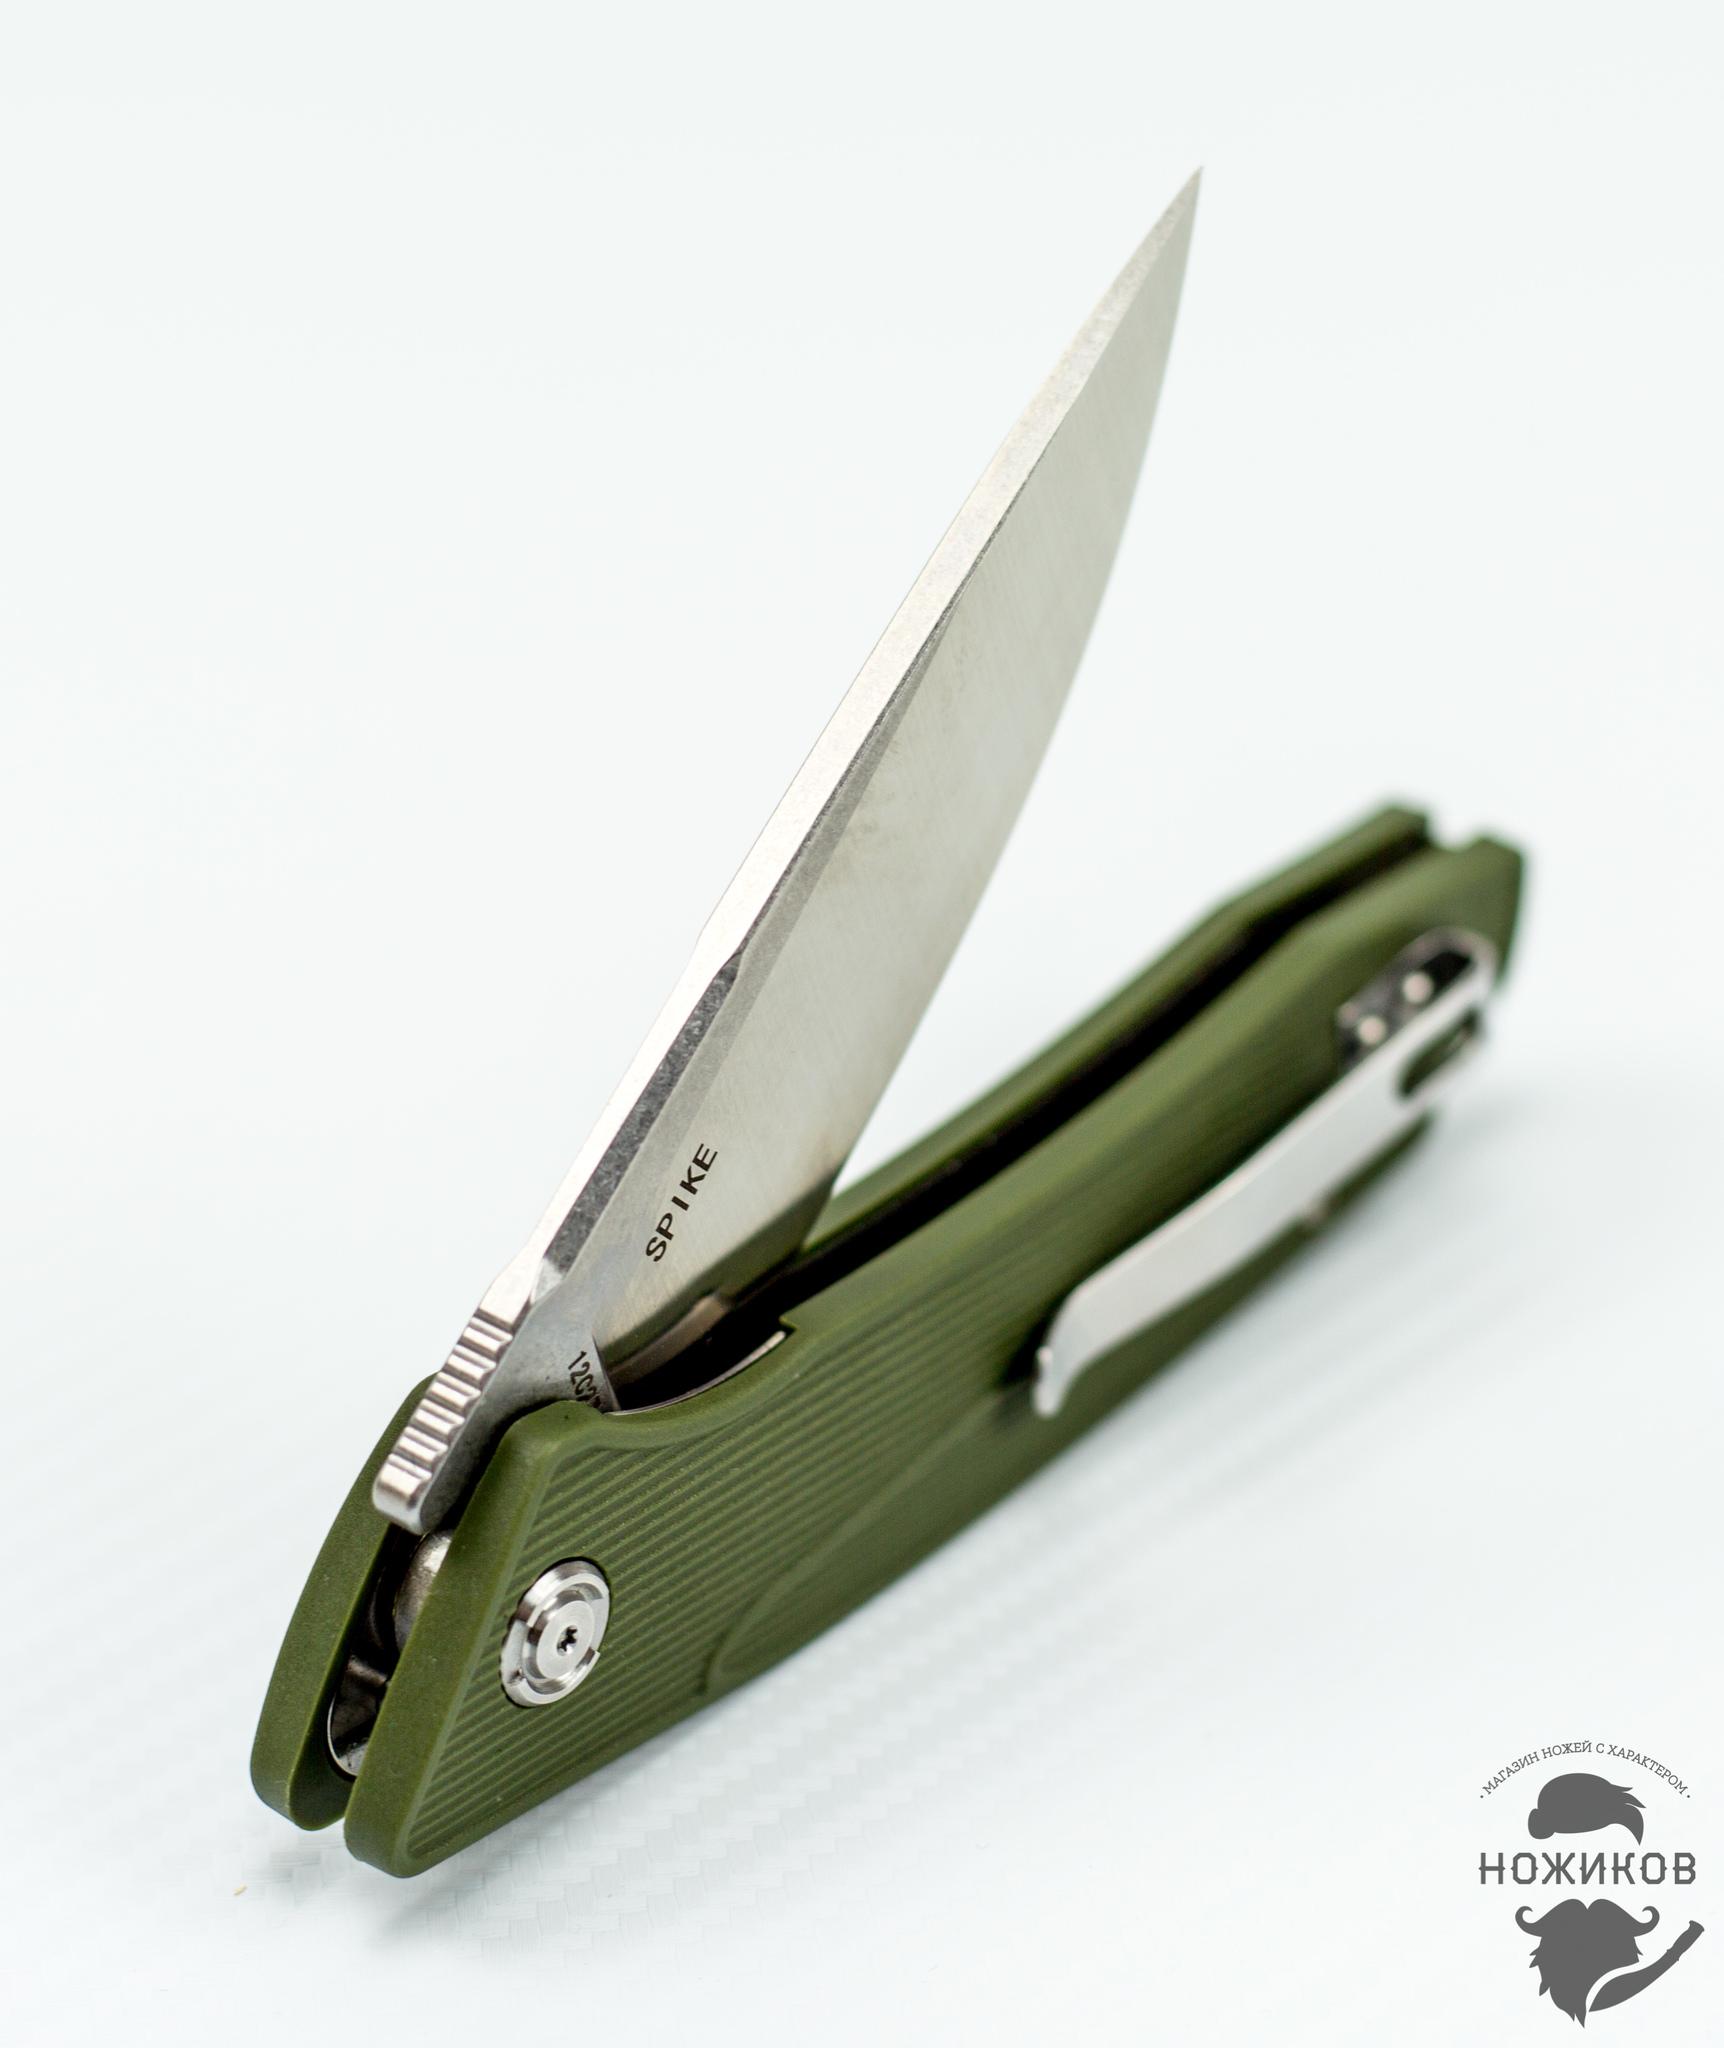 Фото 6 - Складной нож Bestech Spike BG09B-2, сталь Sandvik 12C27 от Bestech Knives